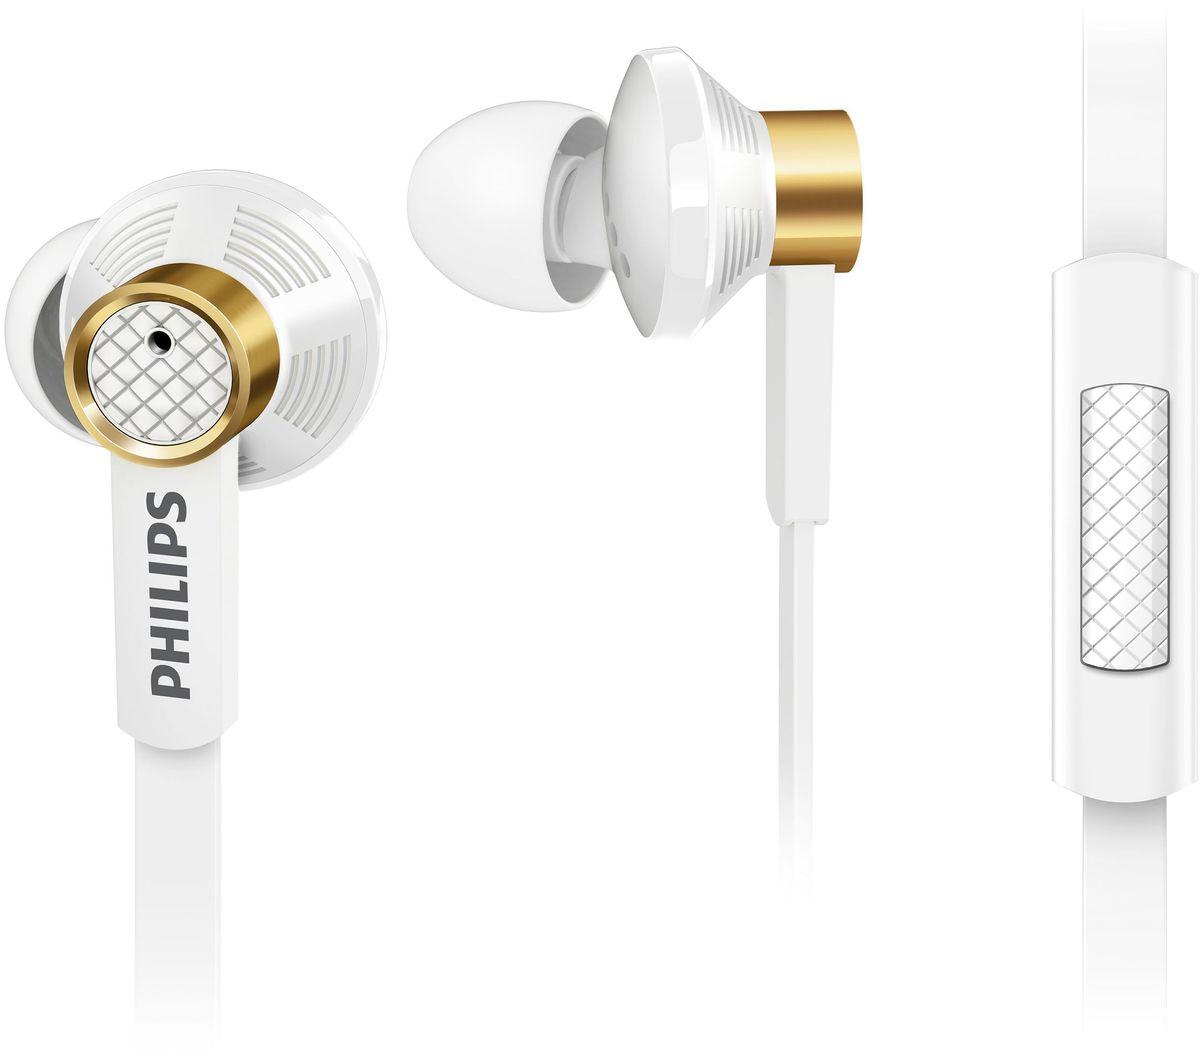 Philips TX2WT/00 наушники-вкладышиTX2WT/00Благодаря излучателям премиум-класса и овальным звуковым трубкам наушники Philips TX2 воспроизводят кристально чистый звук и насыщенные басы. Удобные мягкие насадки позволяют полностью погрузиться в прослушивание, а плоский кабель избавит вас от спутанных проводов. Встроенный микрофон для переключения между музыкой и вызовами: Благодаря встроенному микрофону можно легко переключаться между режимами разговора и прослушивания музыки и всегда оставаться на связи с теми, кто вам дорог. Три пары насадок на выбор для идеальной посадки: В комплект входят насадки 3 размеров (маленькие, средние и большие), чтобы вы могли выбрать подходящий вариант. Звукоизолирующие насадки не пропускают внешние шумы: Звукоизолирующие насадки блокируют внешние шумы, и вы можете наслаждаться музыкой без помех. Легкое медное кольцо сокращает вибрации и обеспечивает чистое и точное звучание. В результате обширных исследований,...